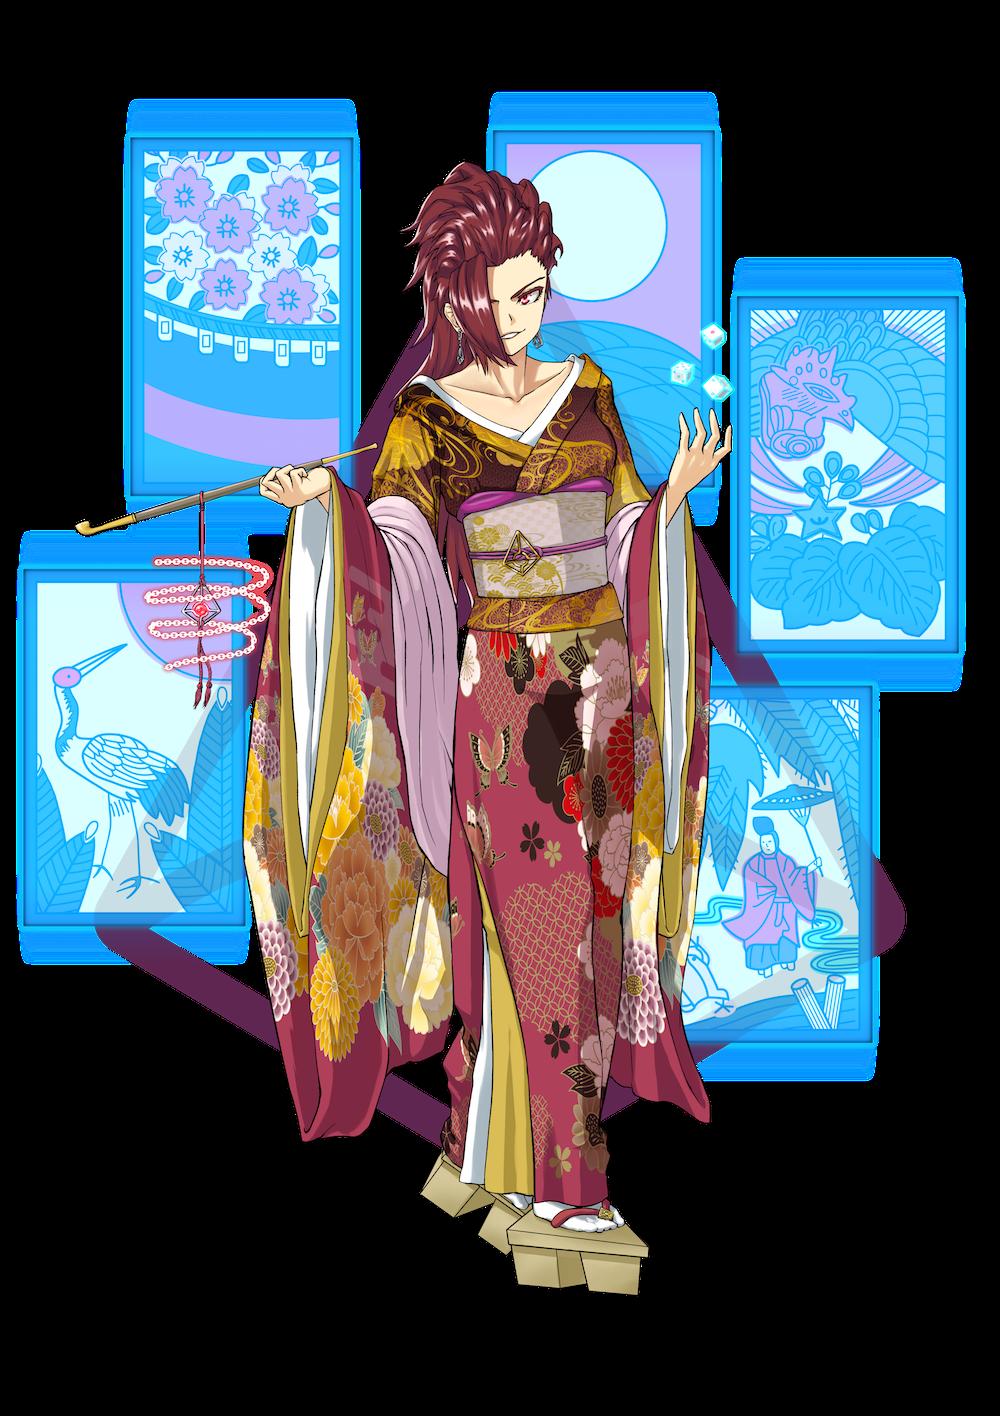 仮想通貨(暗号通貨)オーガー(augur)の擬人化キャラクター